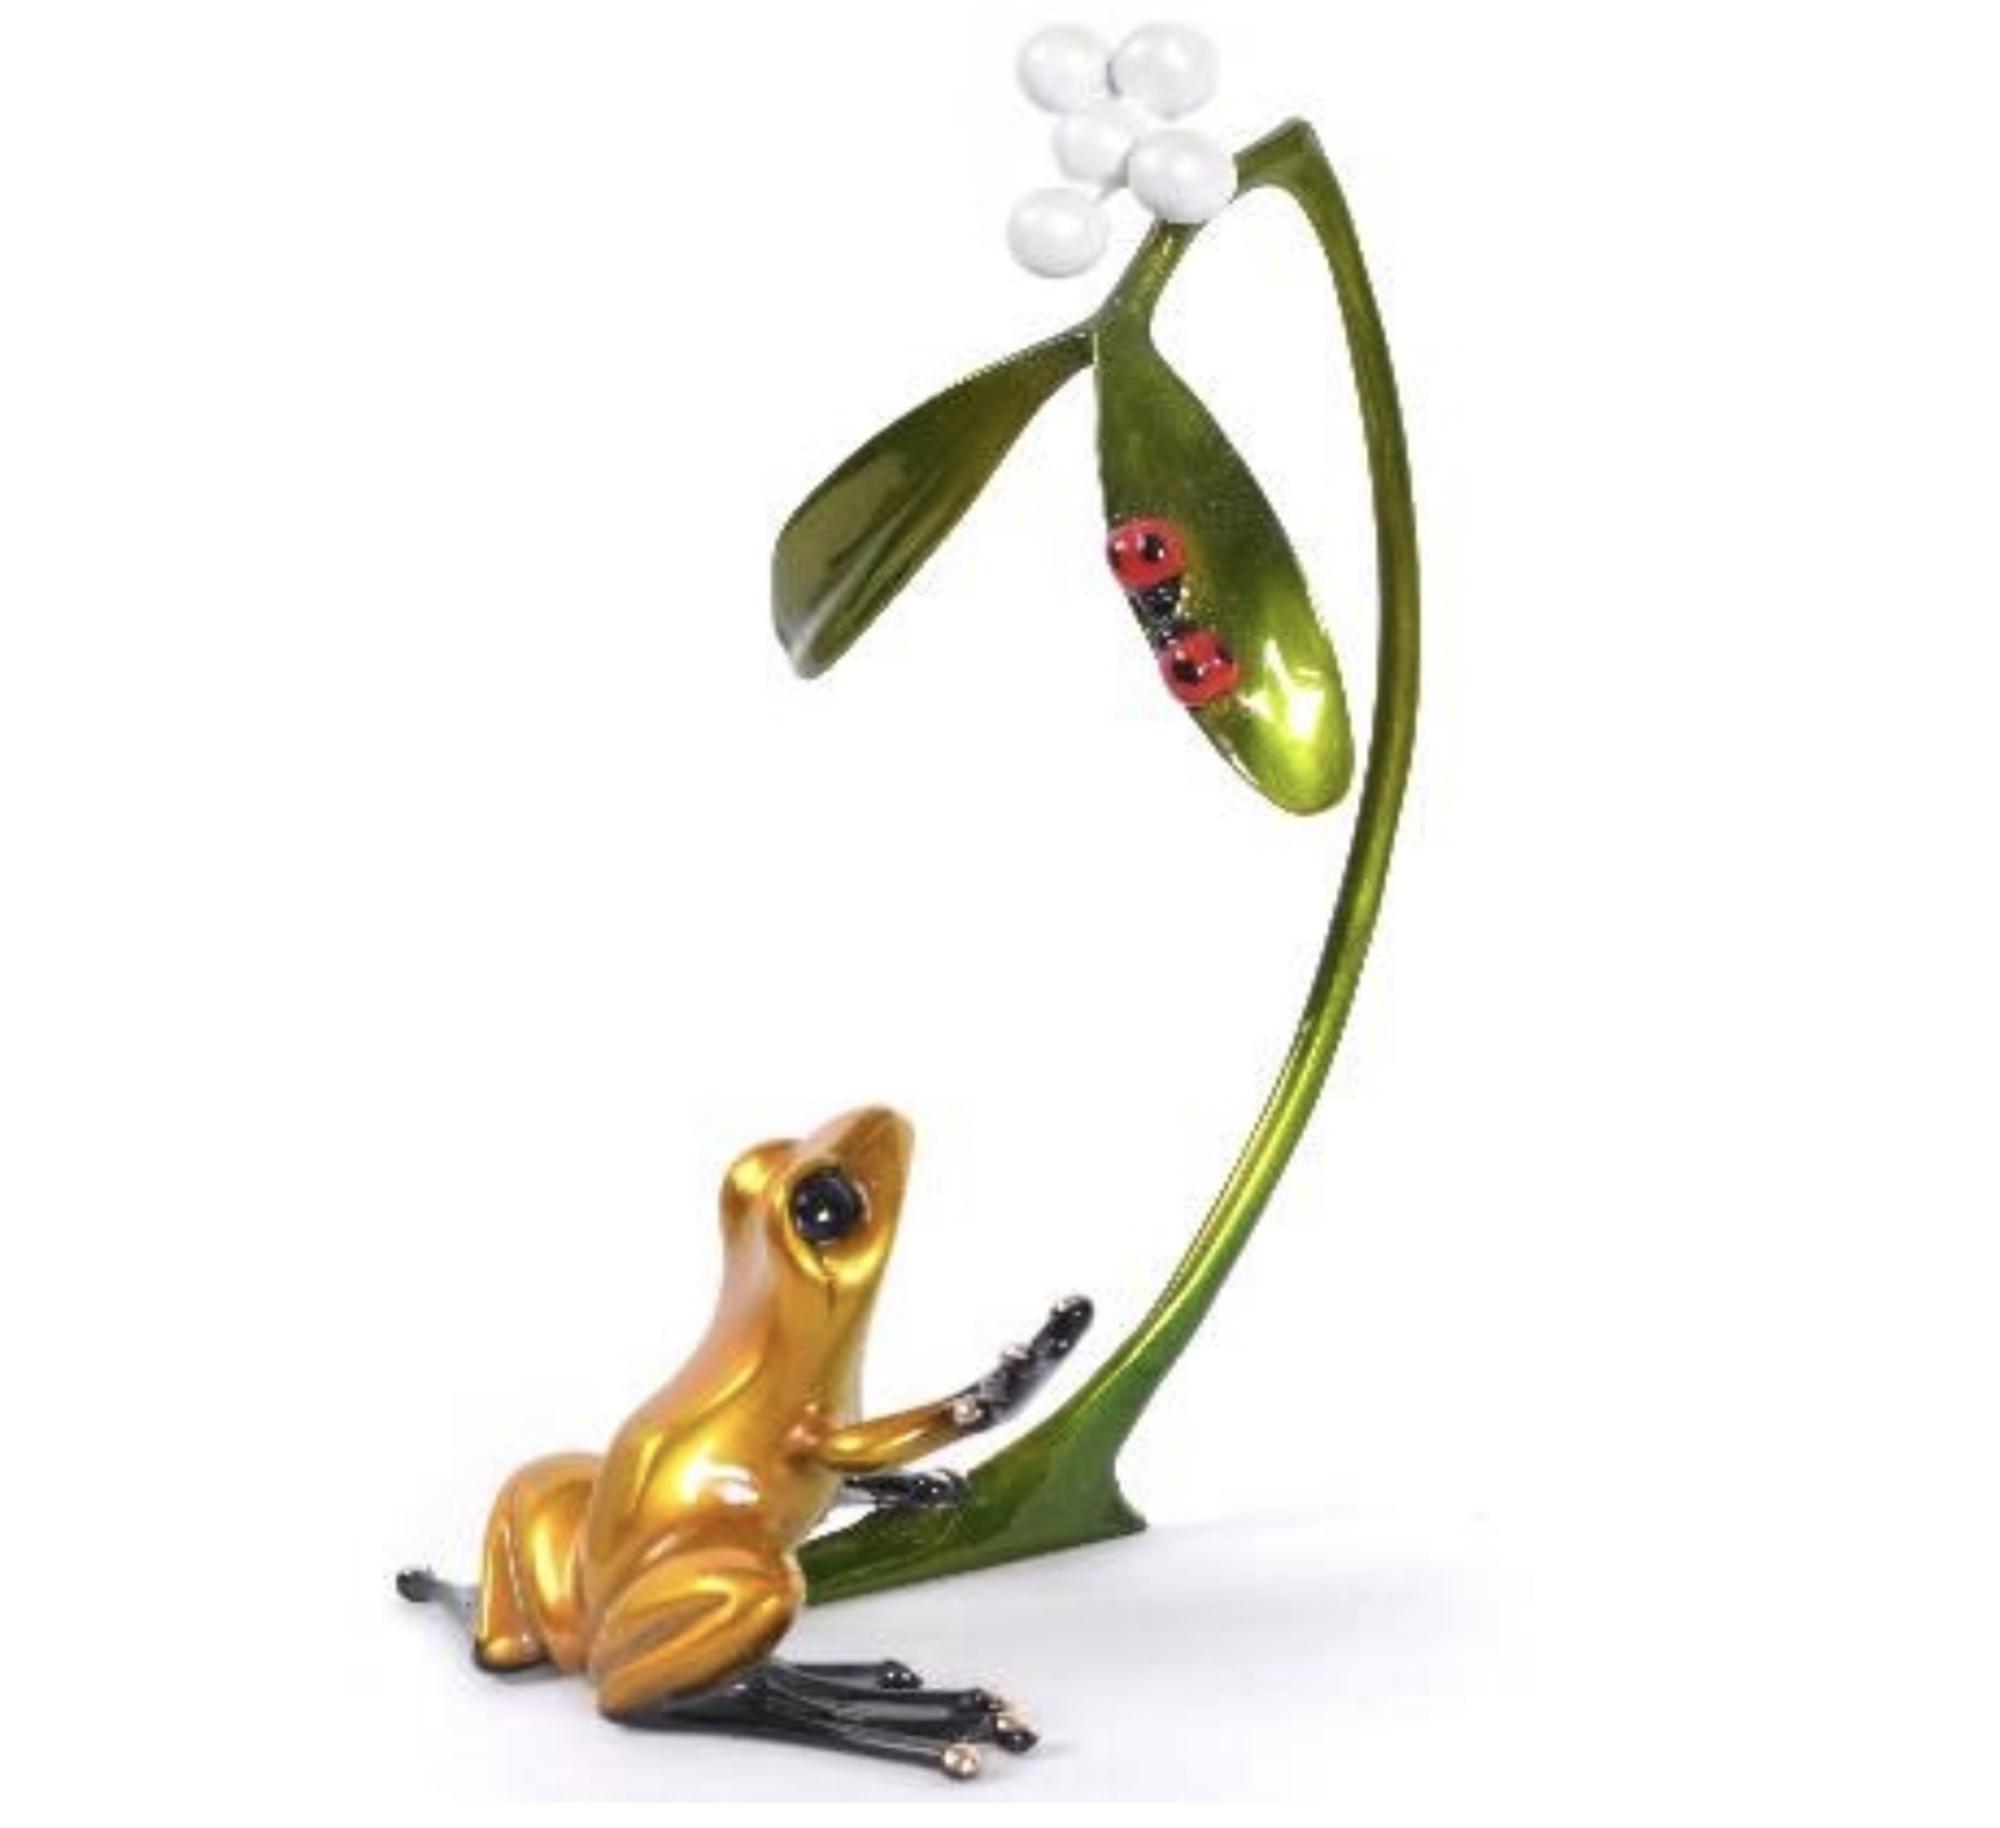 Mistletoe by The Frogman